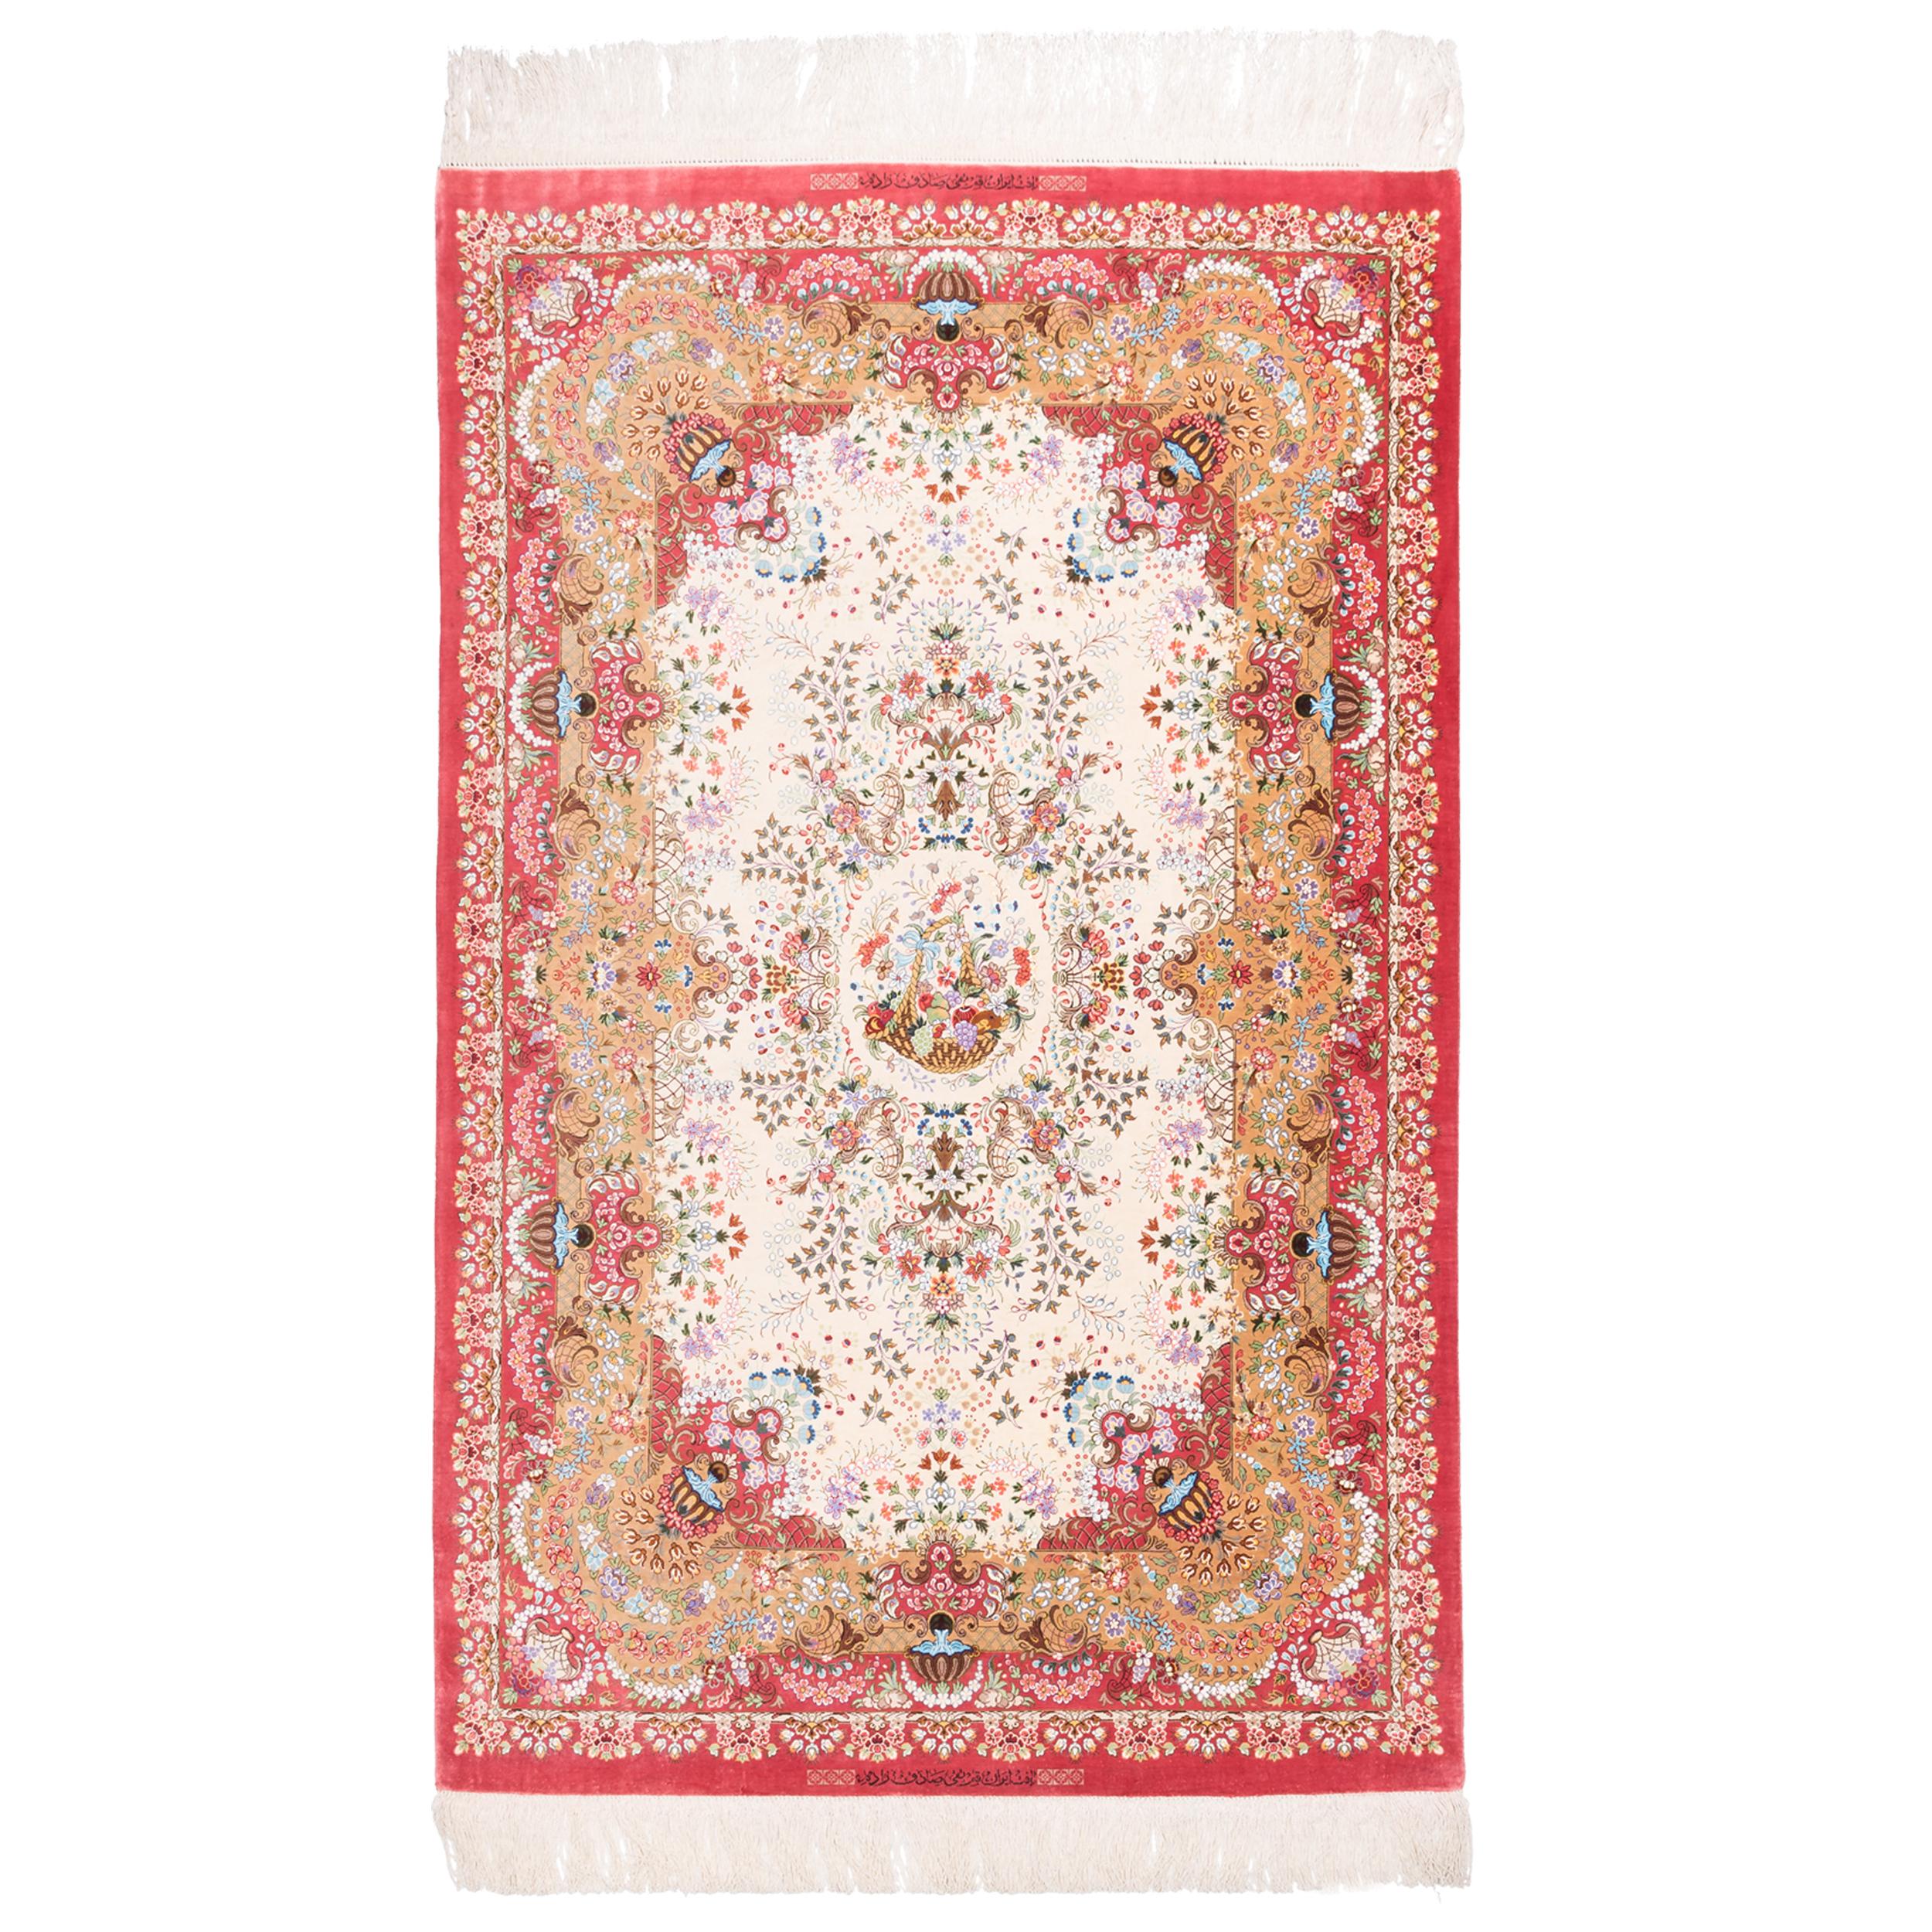 فرش دستبافت ذرع ونیم سی پرشیا کد 161093